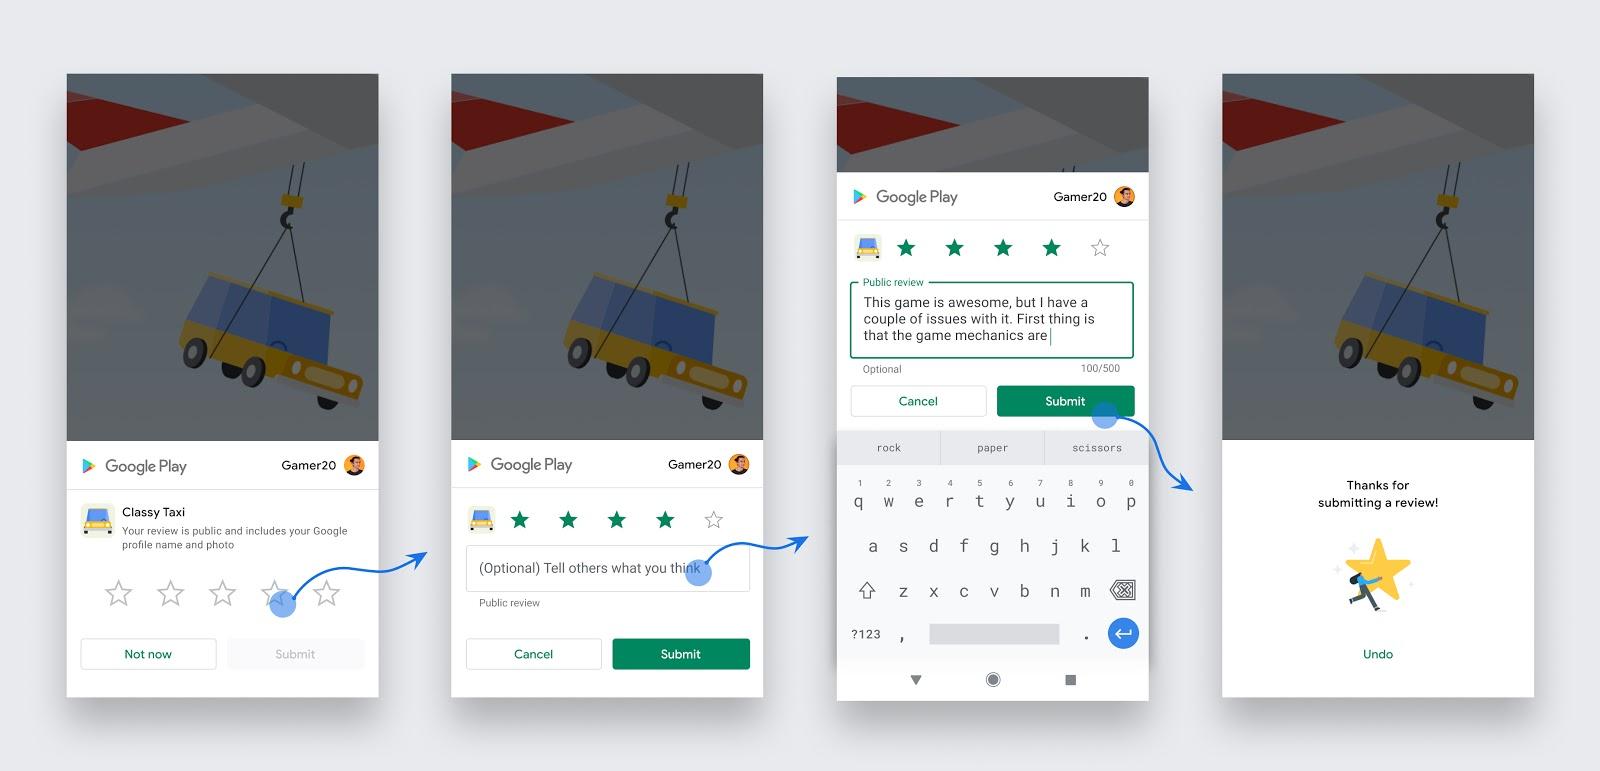 Flujo de trabajo de las opiniones integradas en la app para un usuario